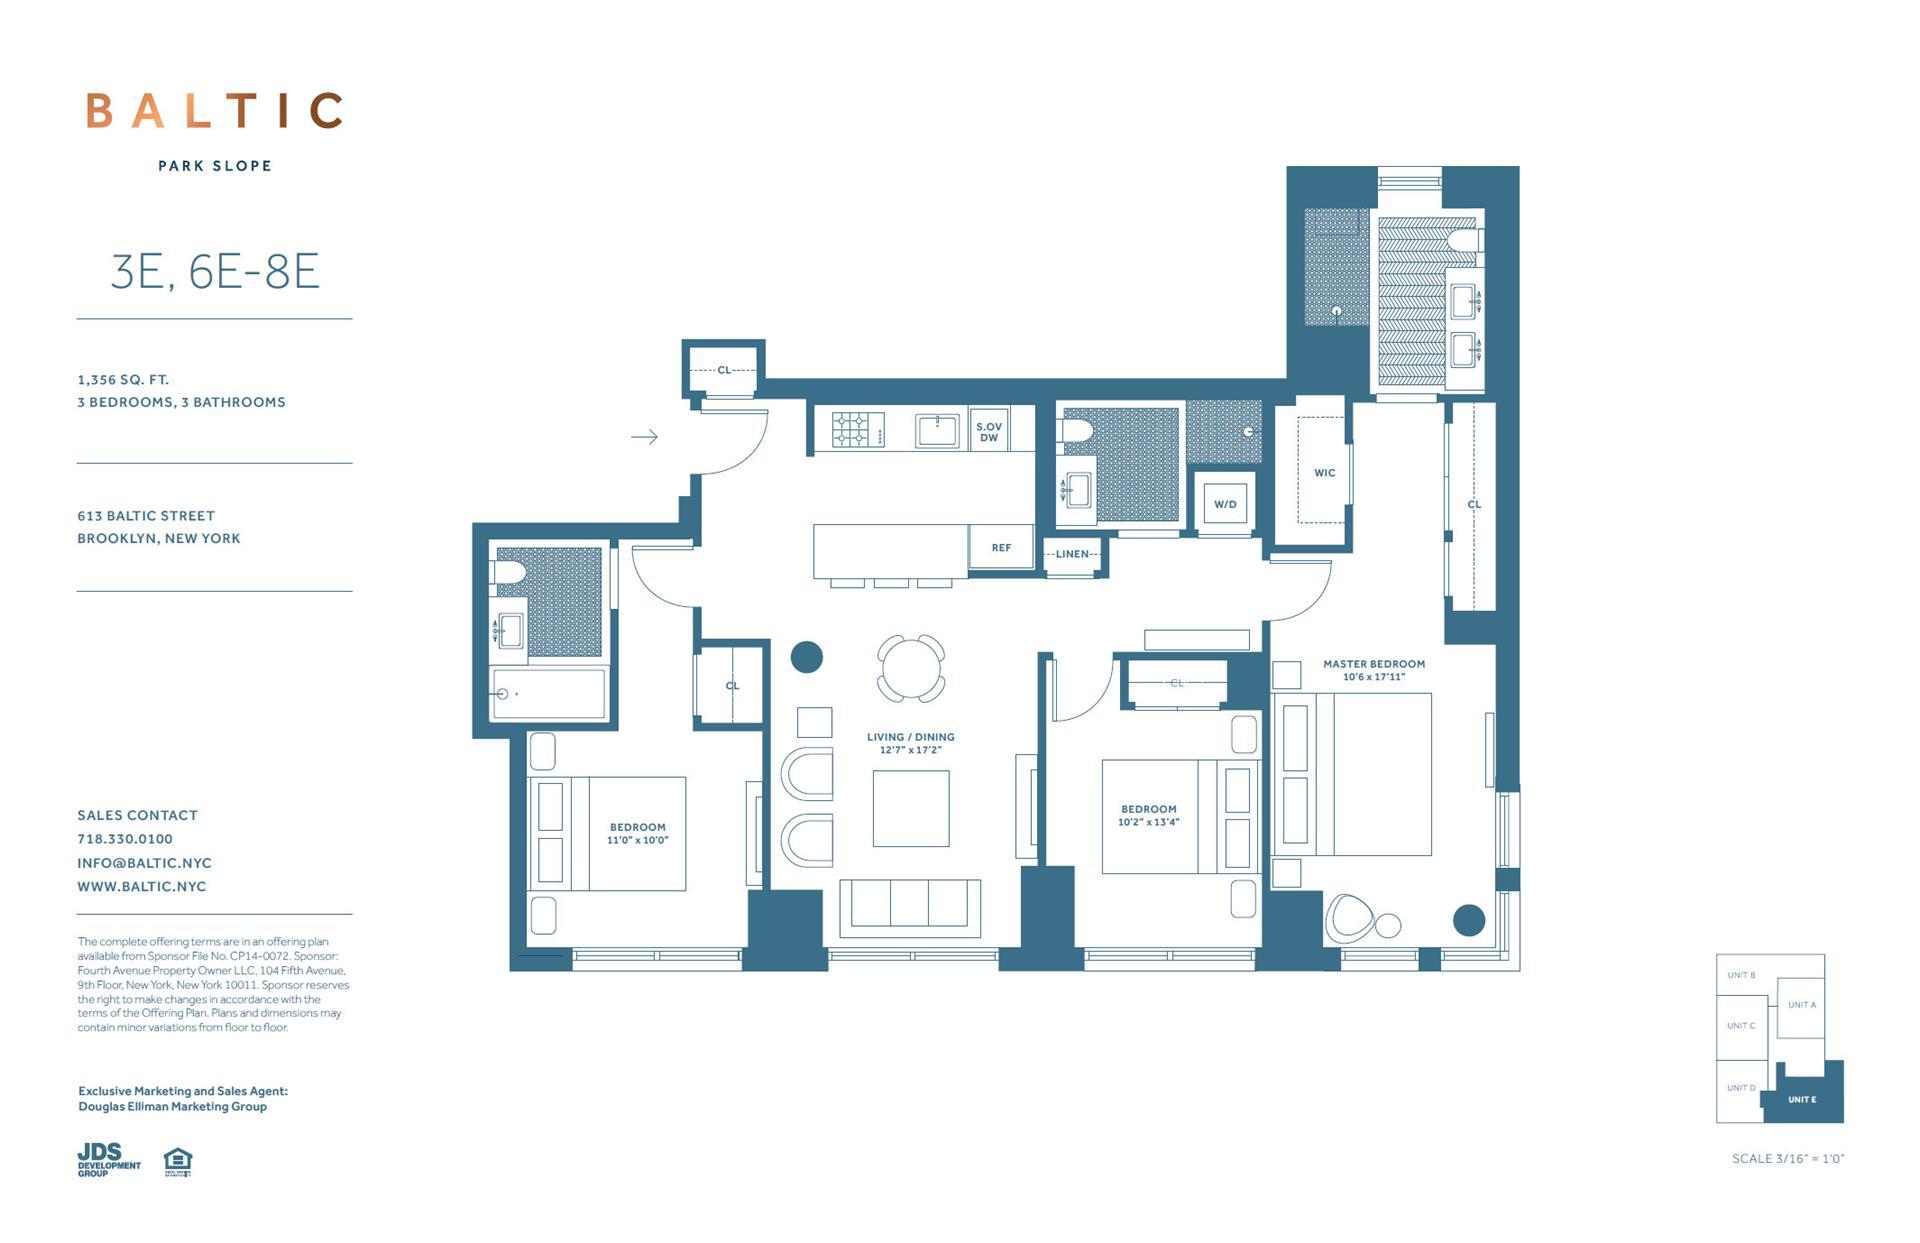 Floor plan of 613 Baltic St, 7E - Park Slope, New York